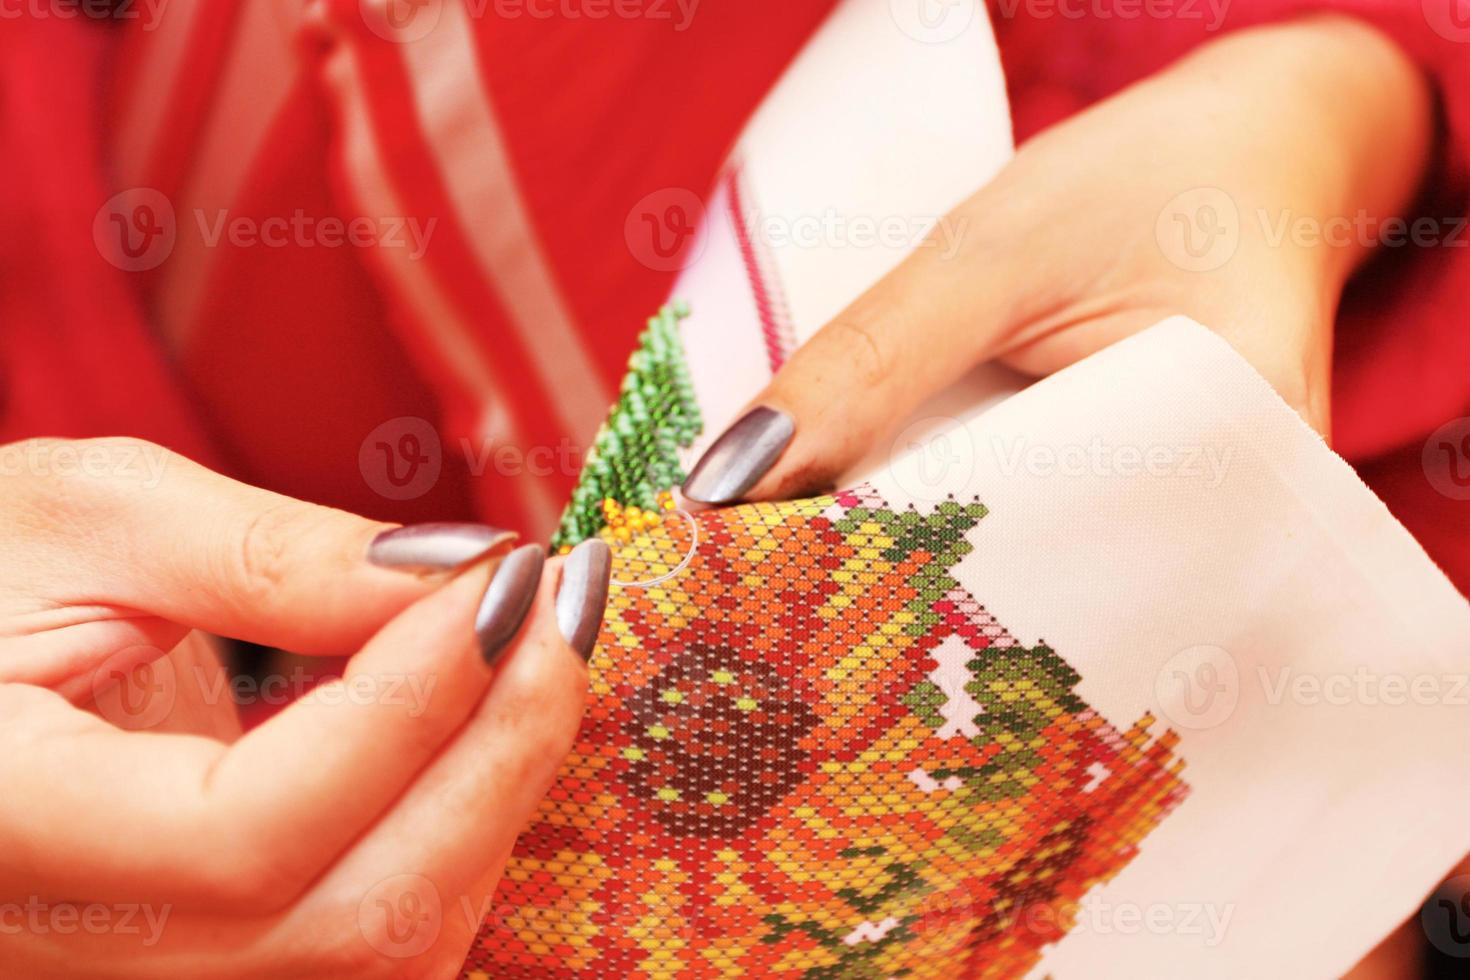 borduurproces op stof kralen handen foto